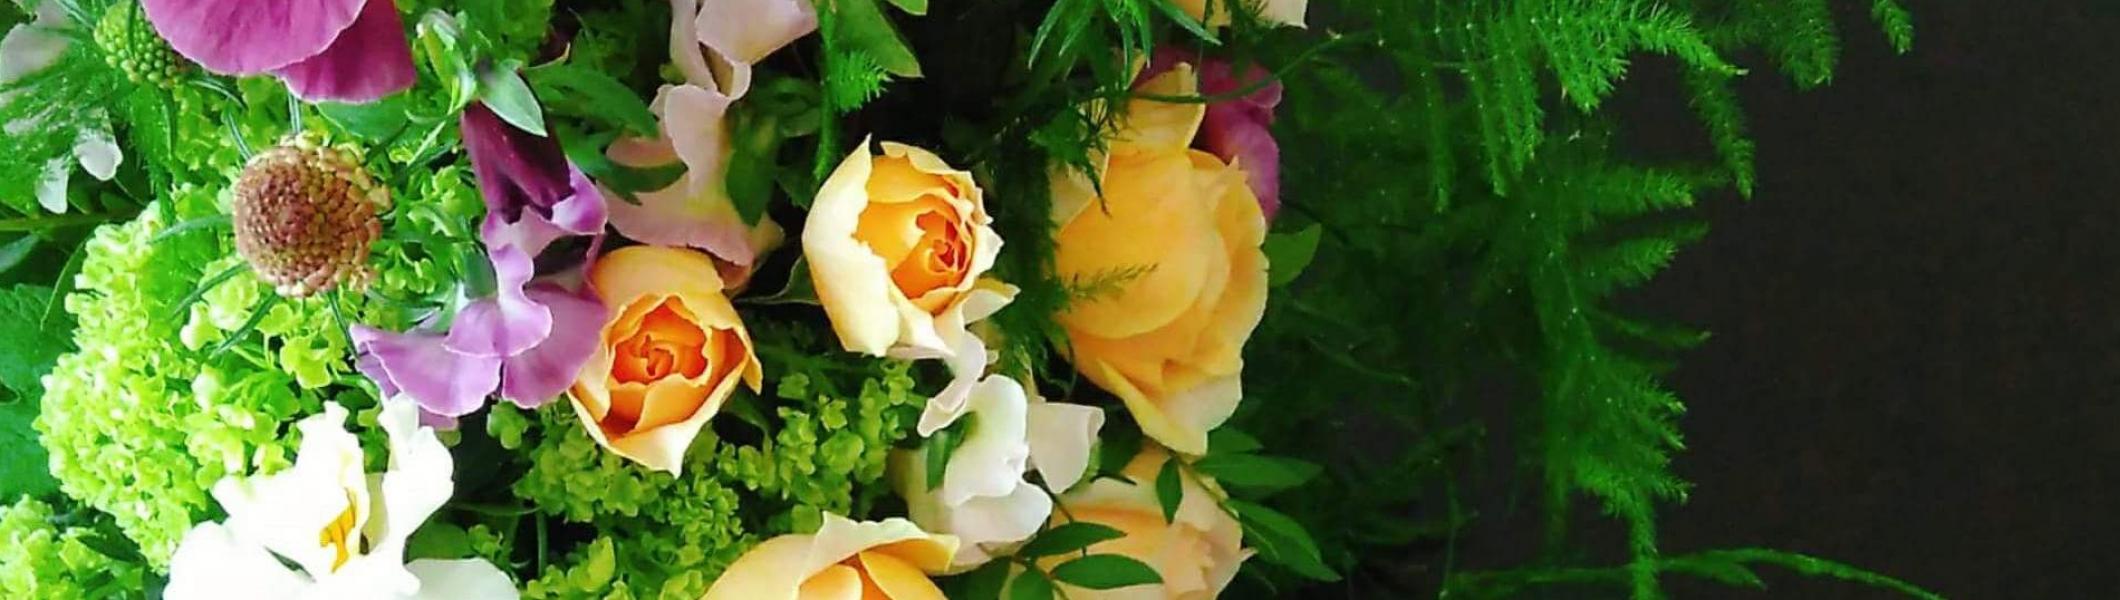 イデュースは、「花と煎茶と能楽」を通して感性を育てる少人数制の「大人の女性のたしなみさろん」です。